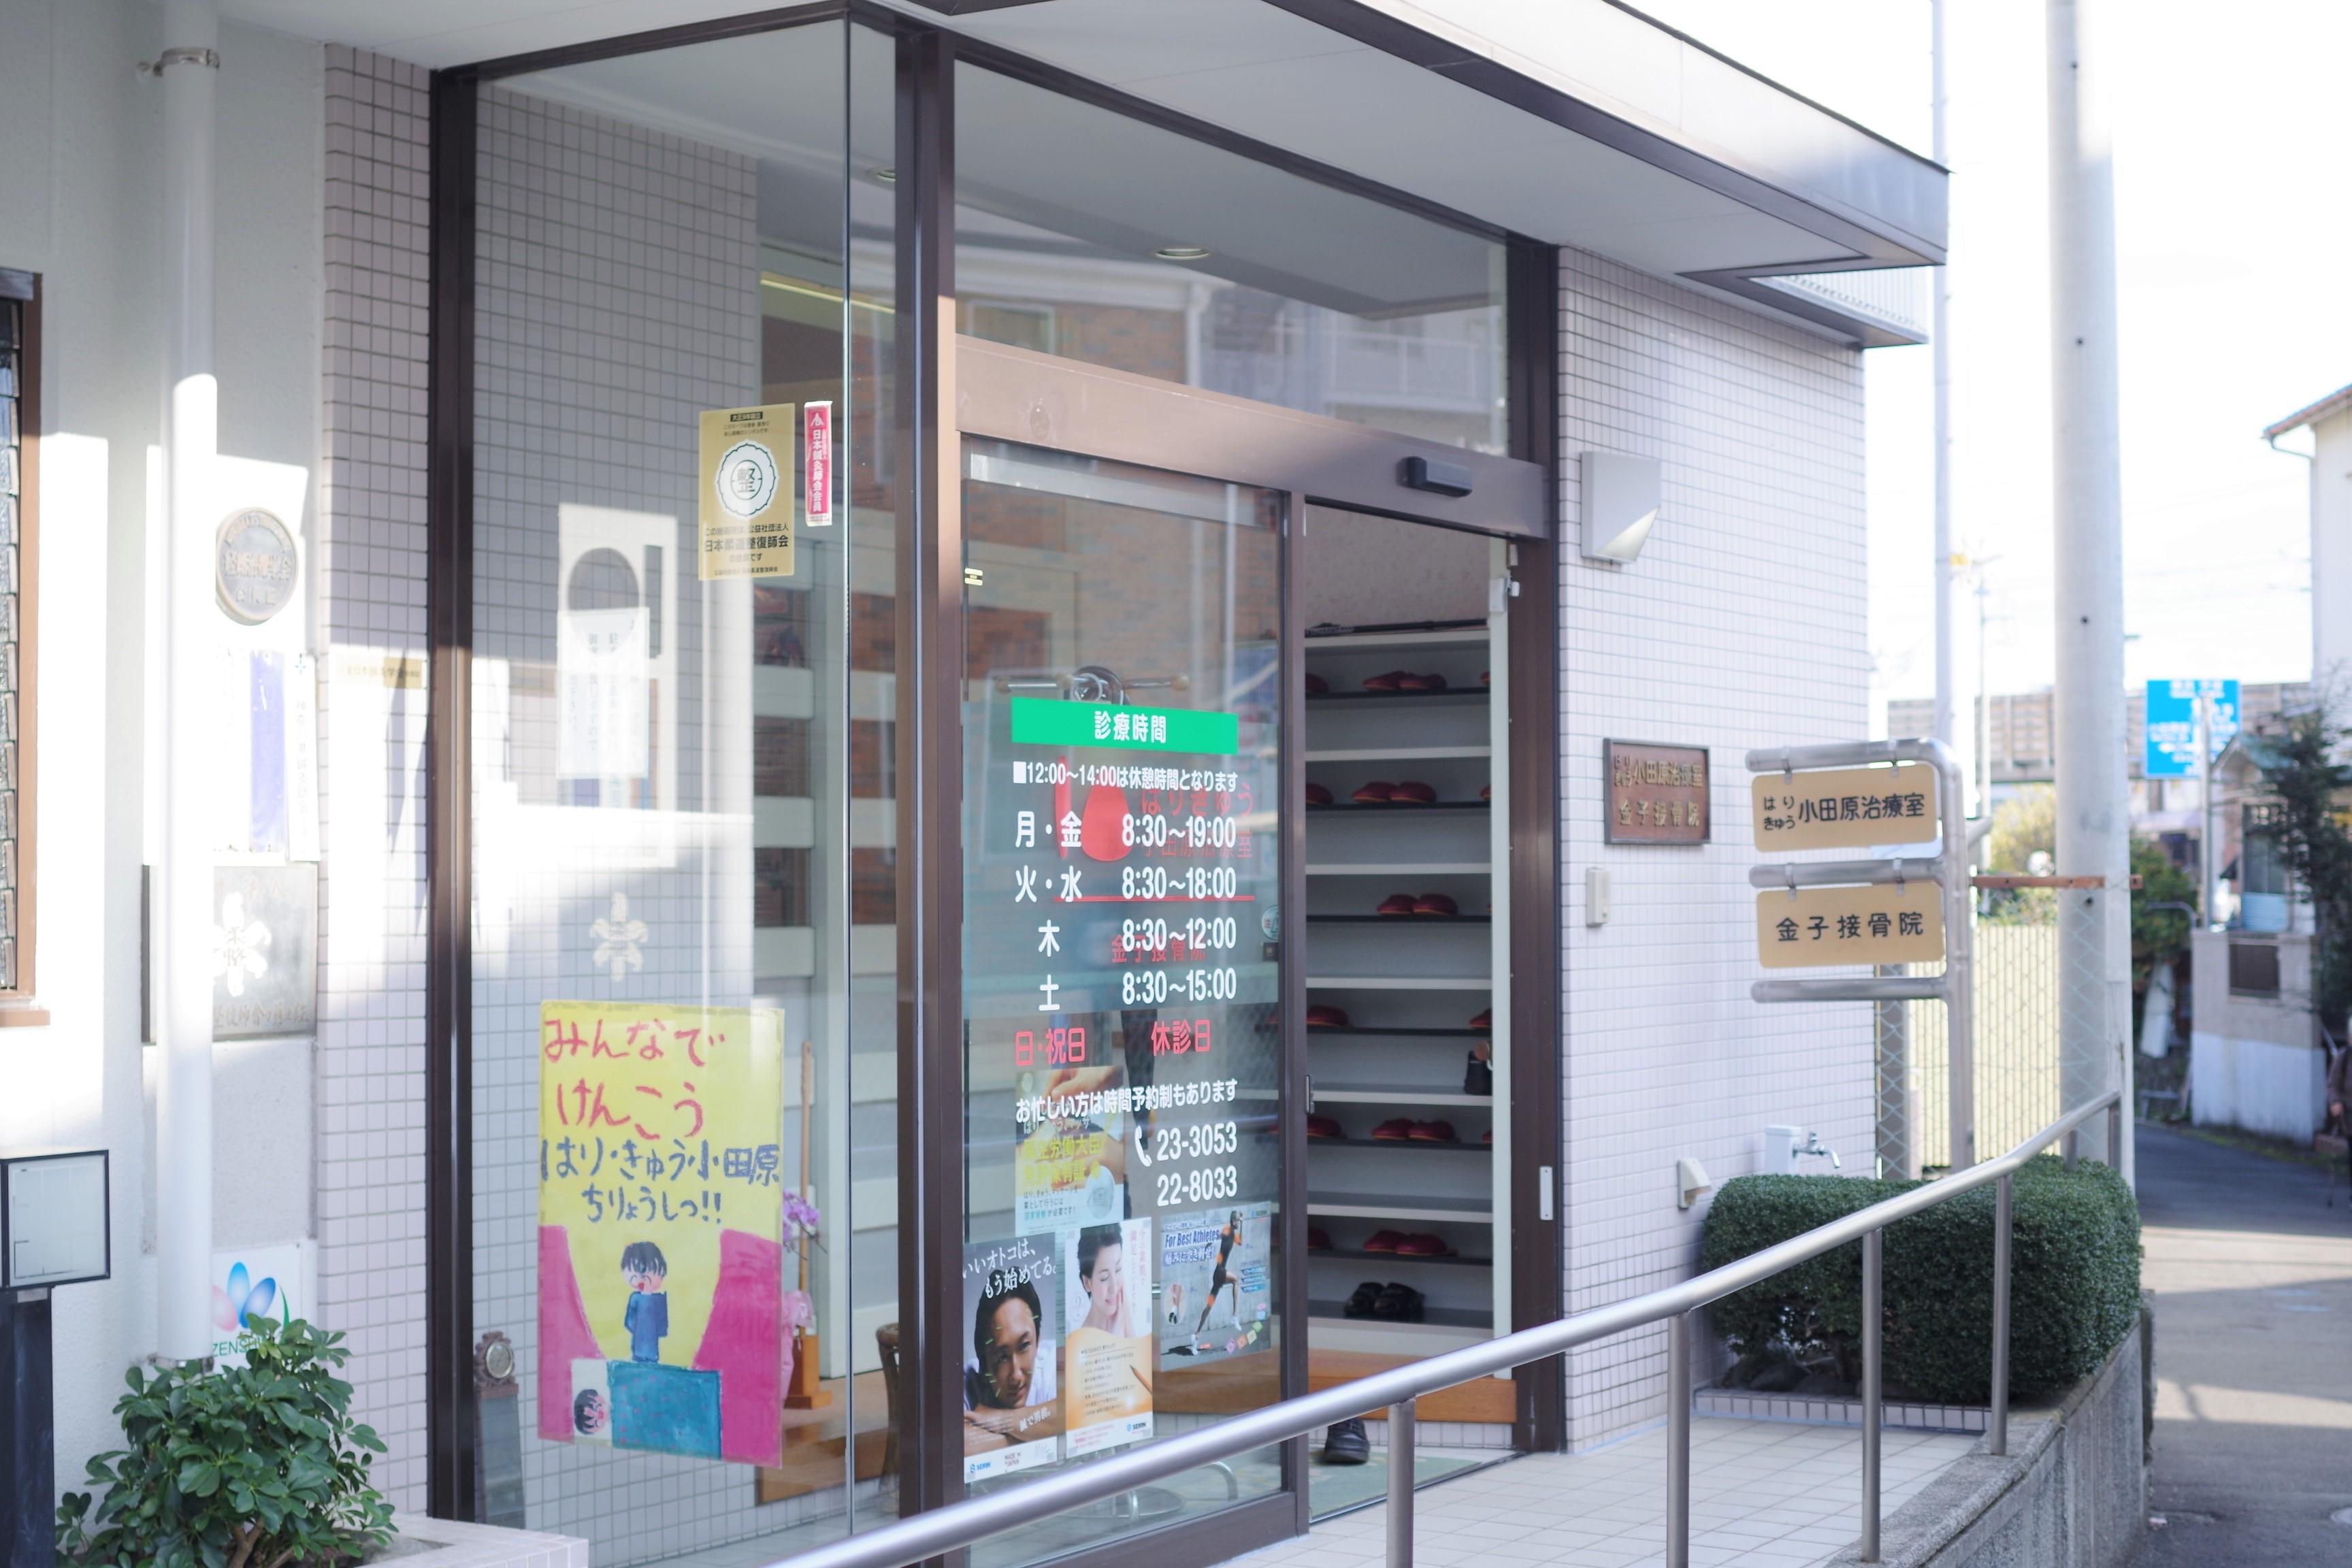 当室の場所は、箱根板橋駅から徒歩1分のところにあります。